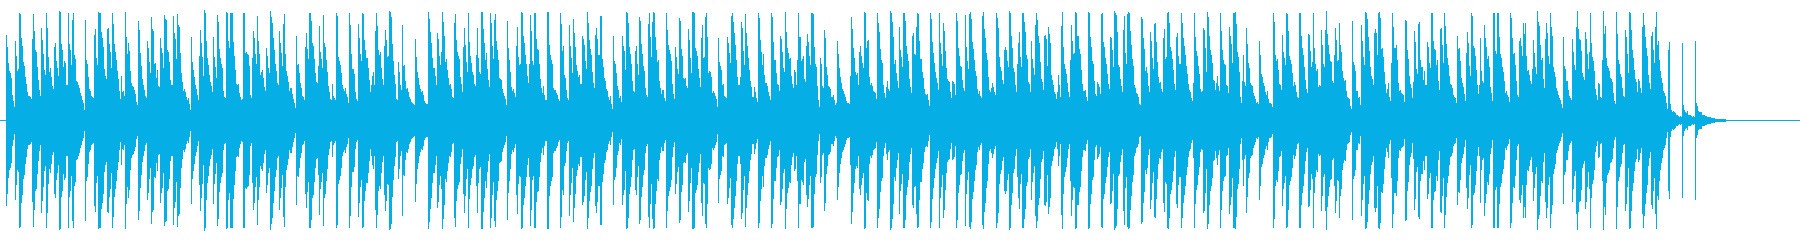 ピアノとベルを主体としたほのぼの日常系の再生済みの波形